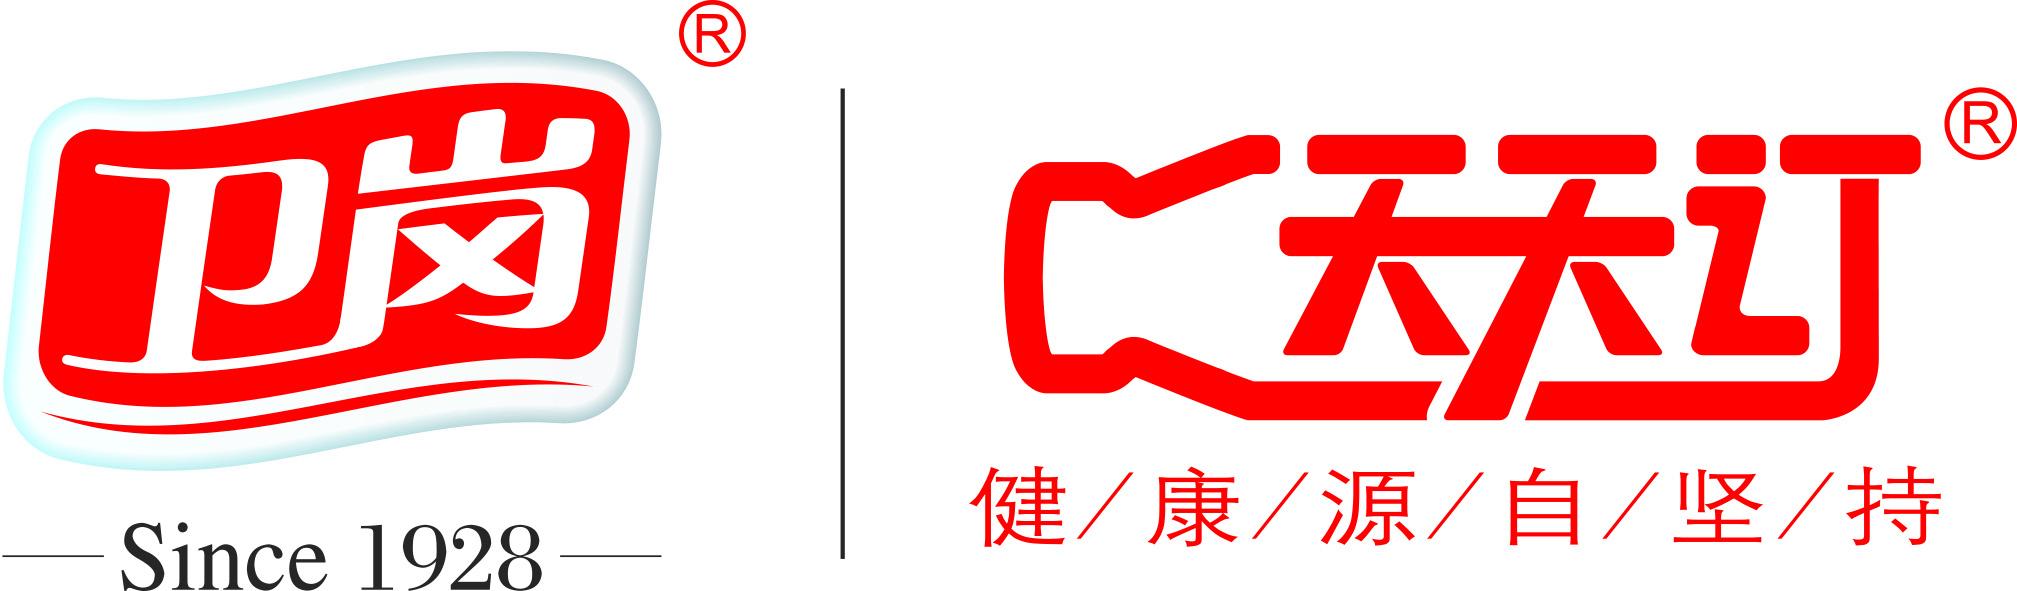 南京卫岗乳业有限公司